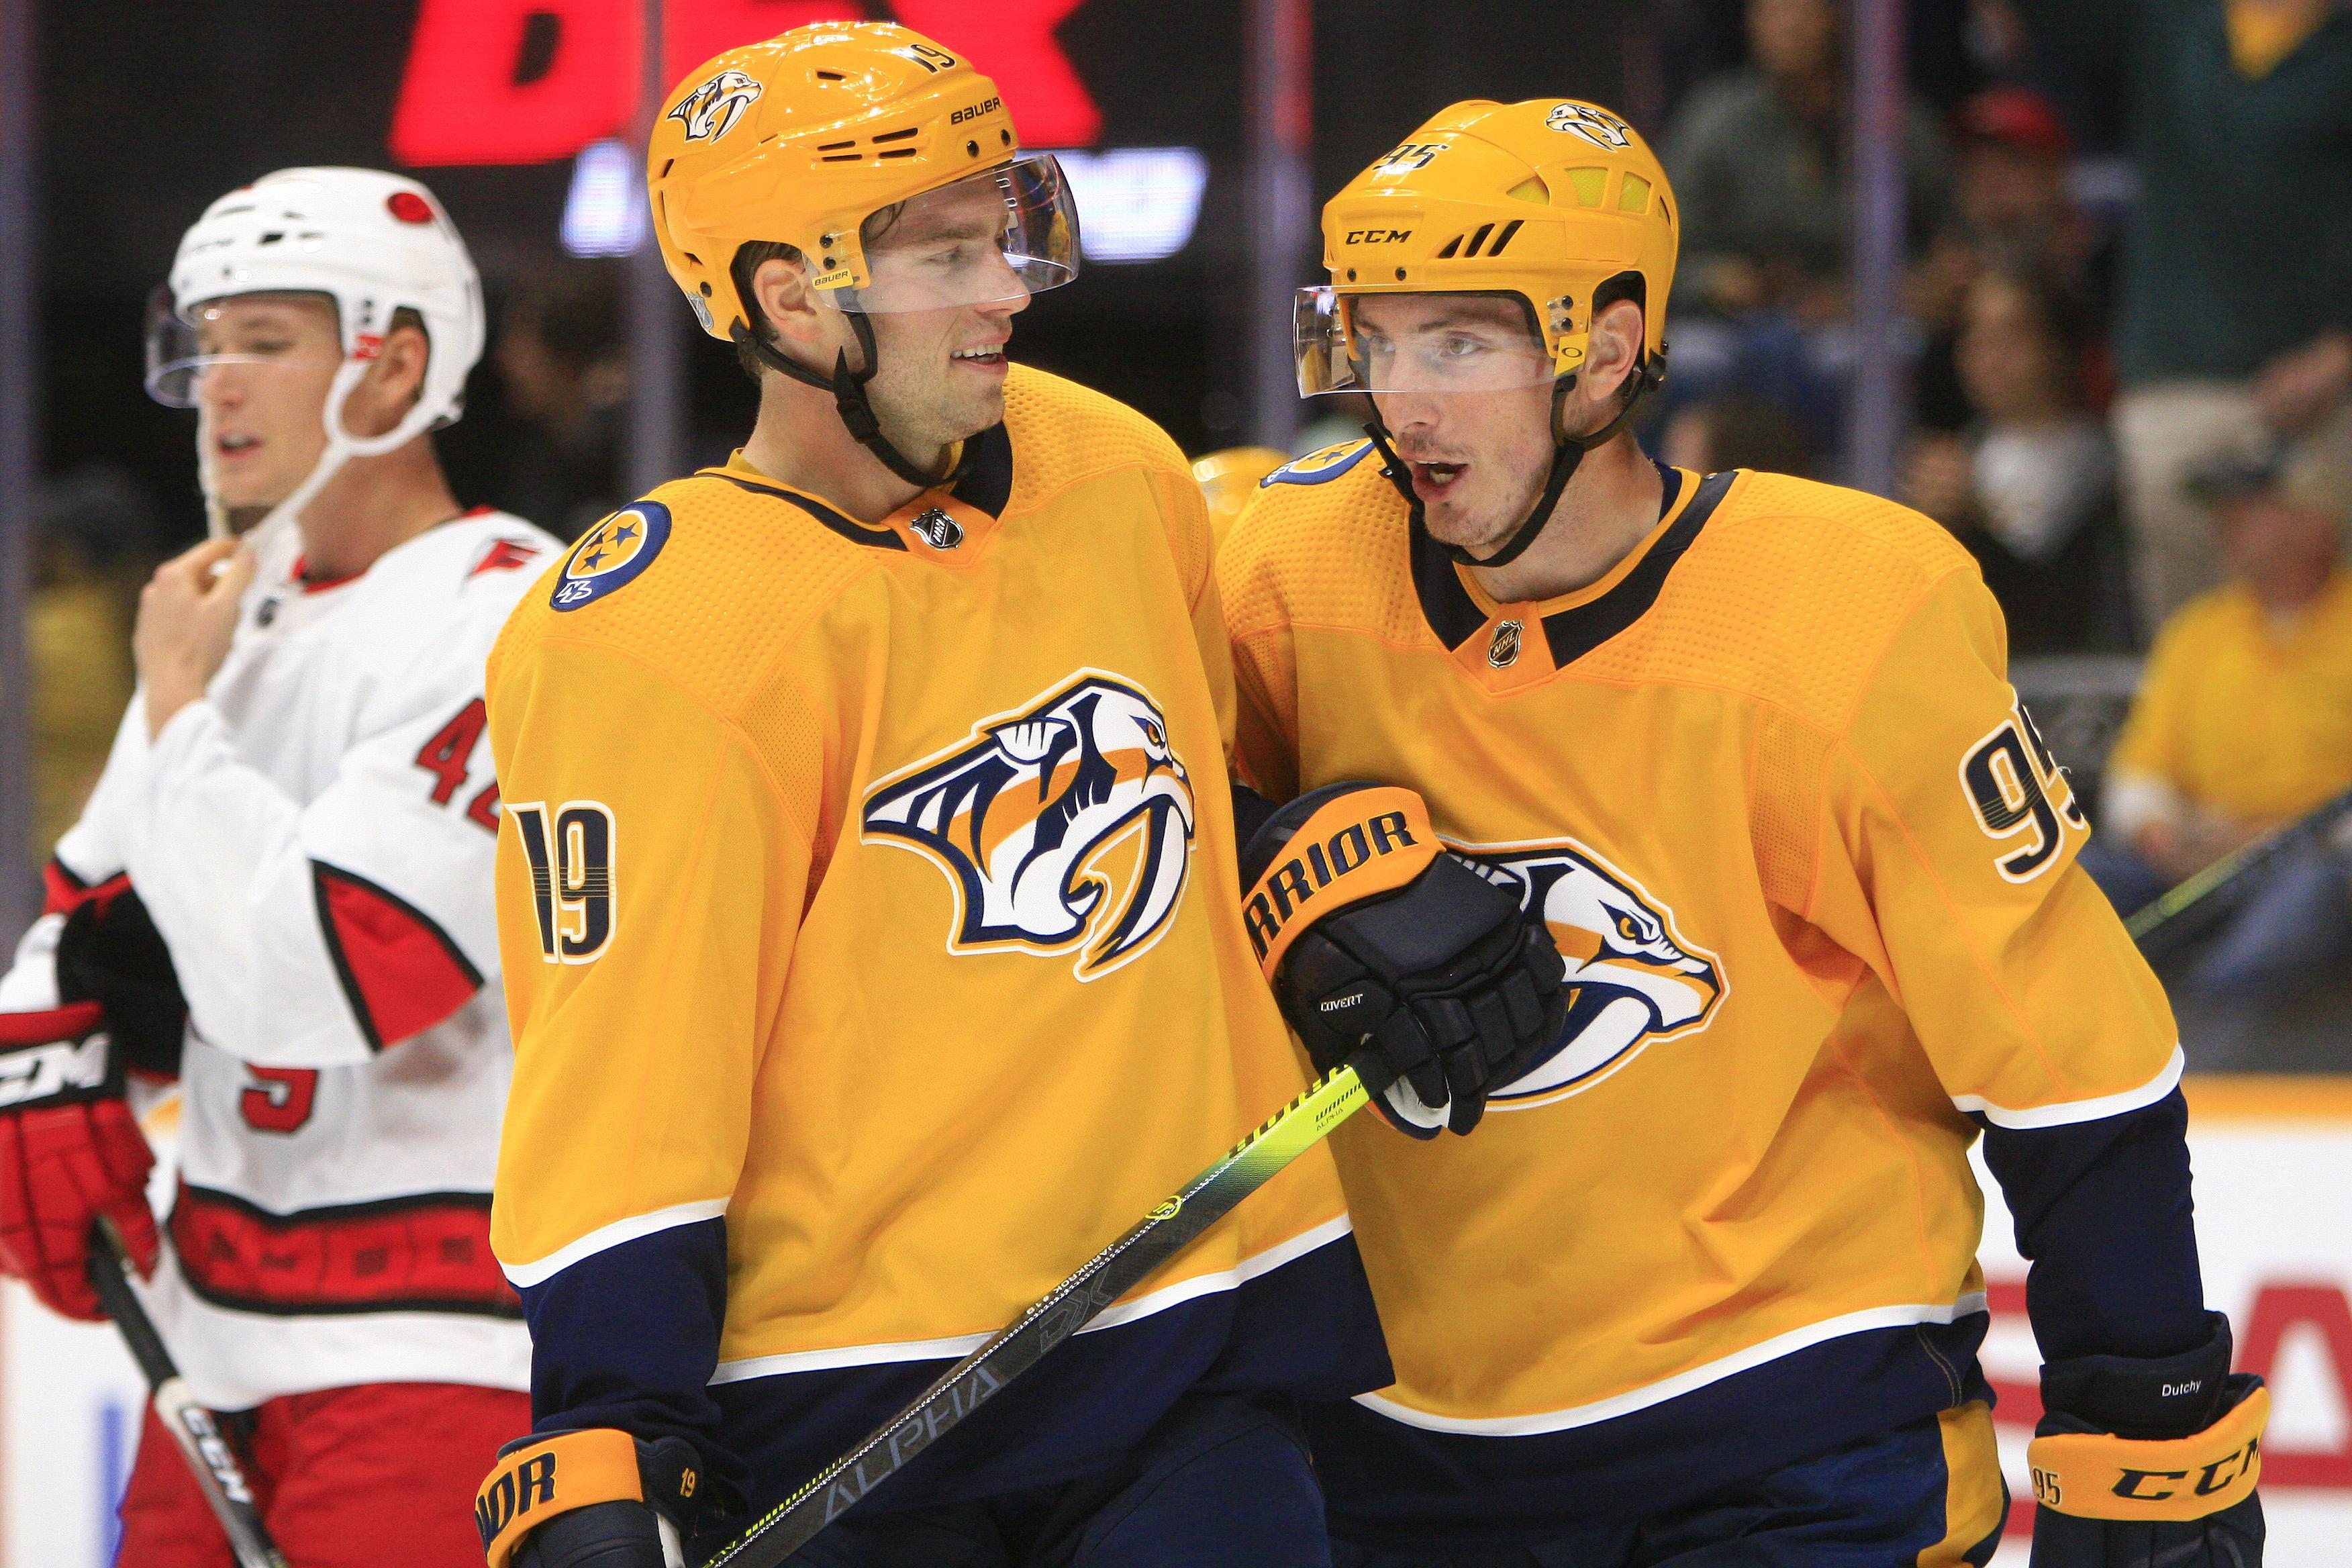 NHL: SEP 25 Preseason - Hurricanes at Predators